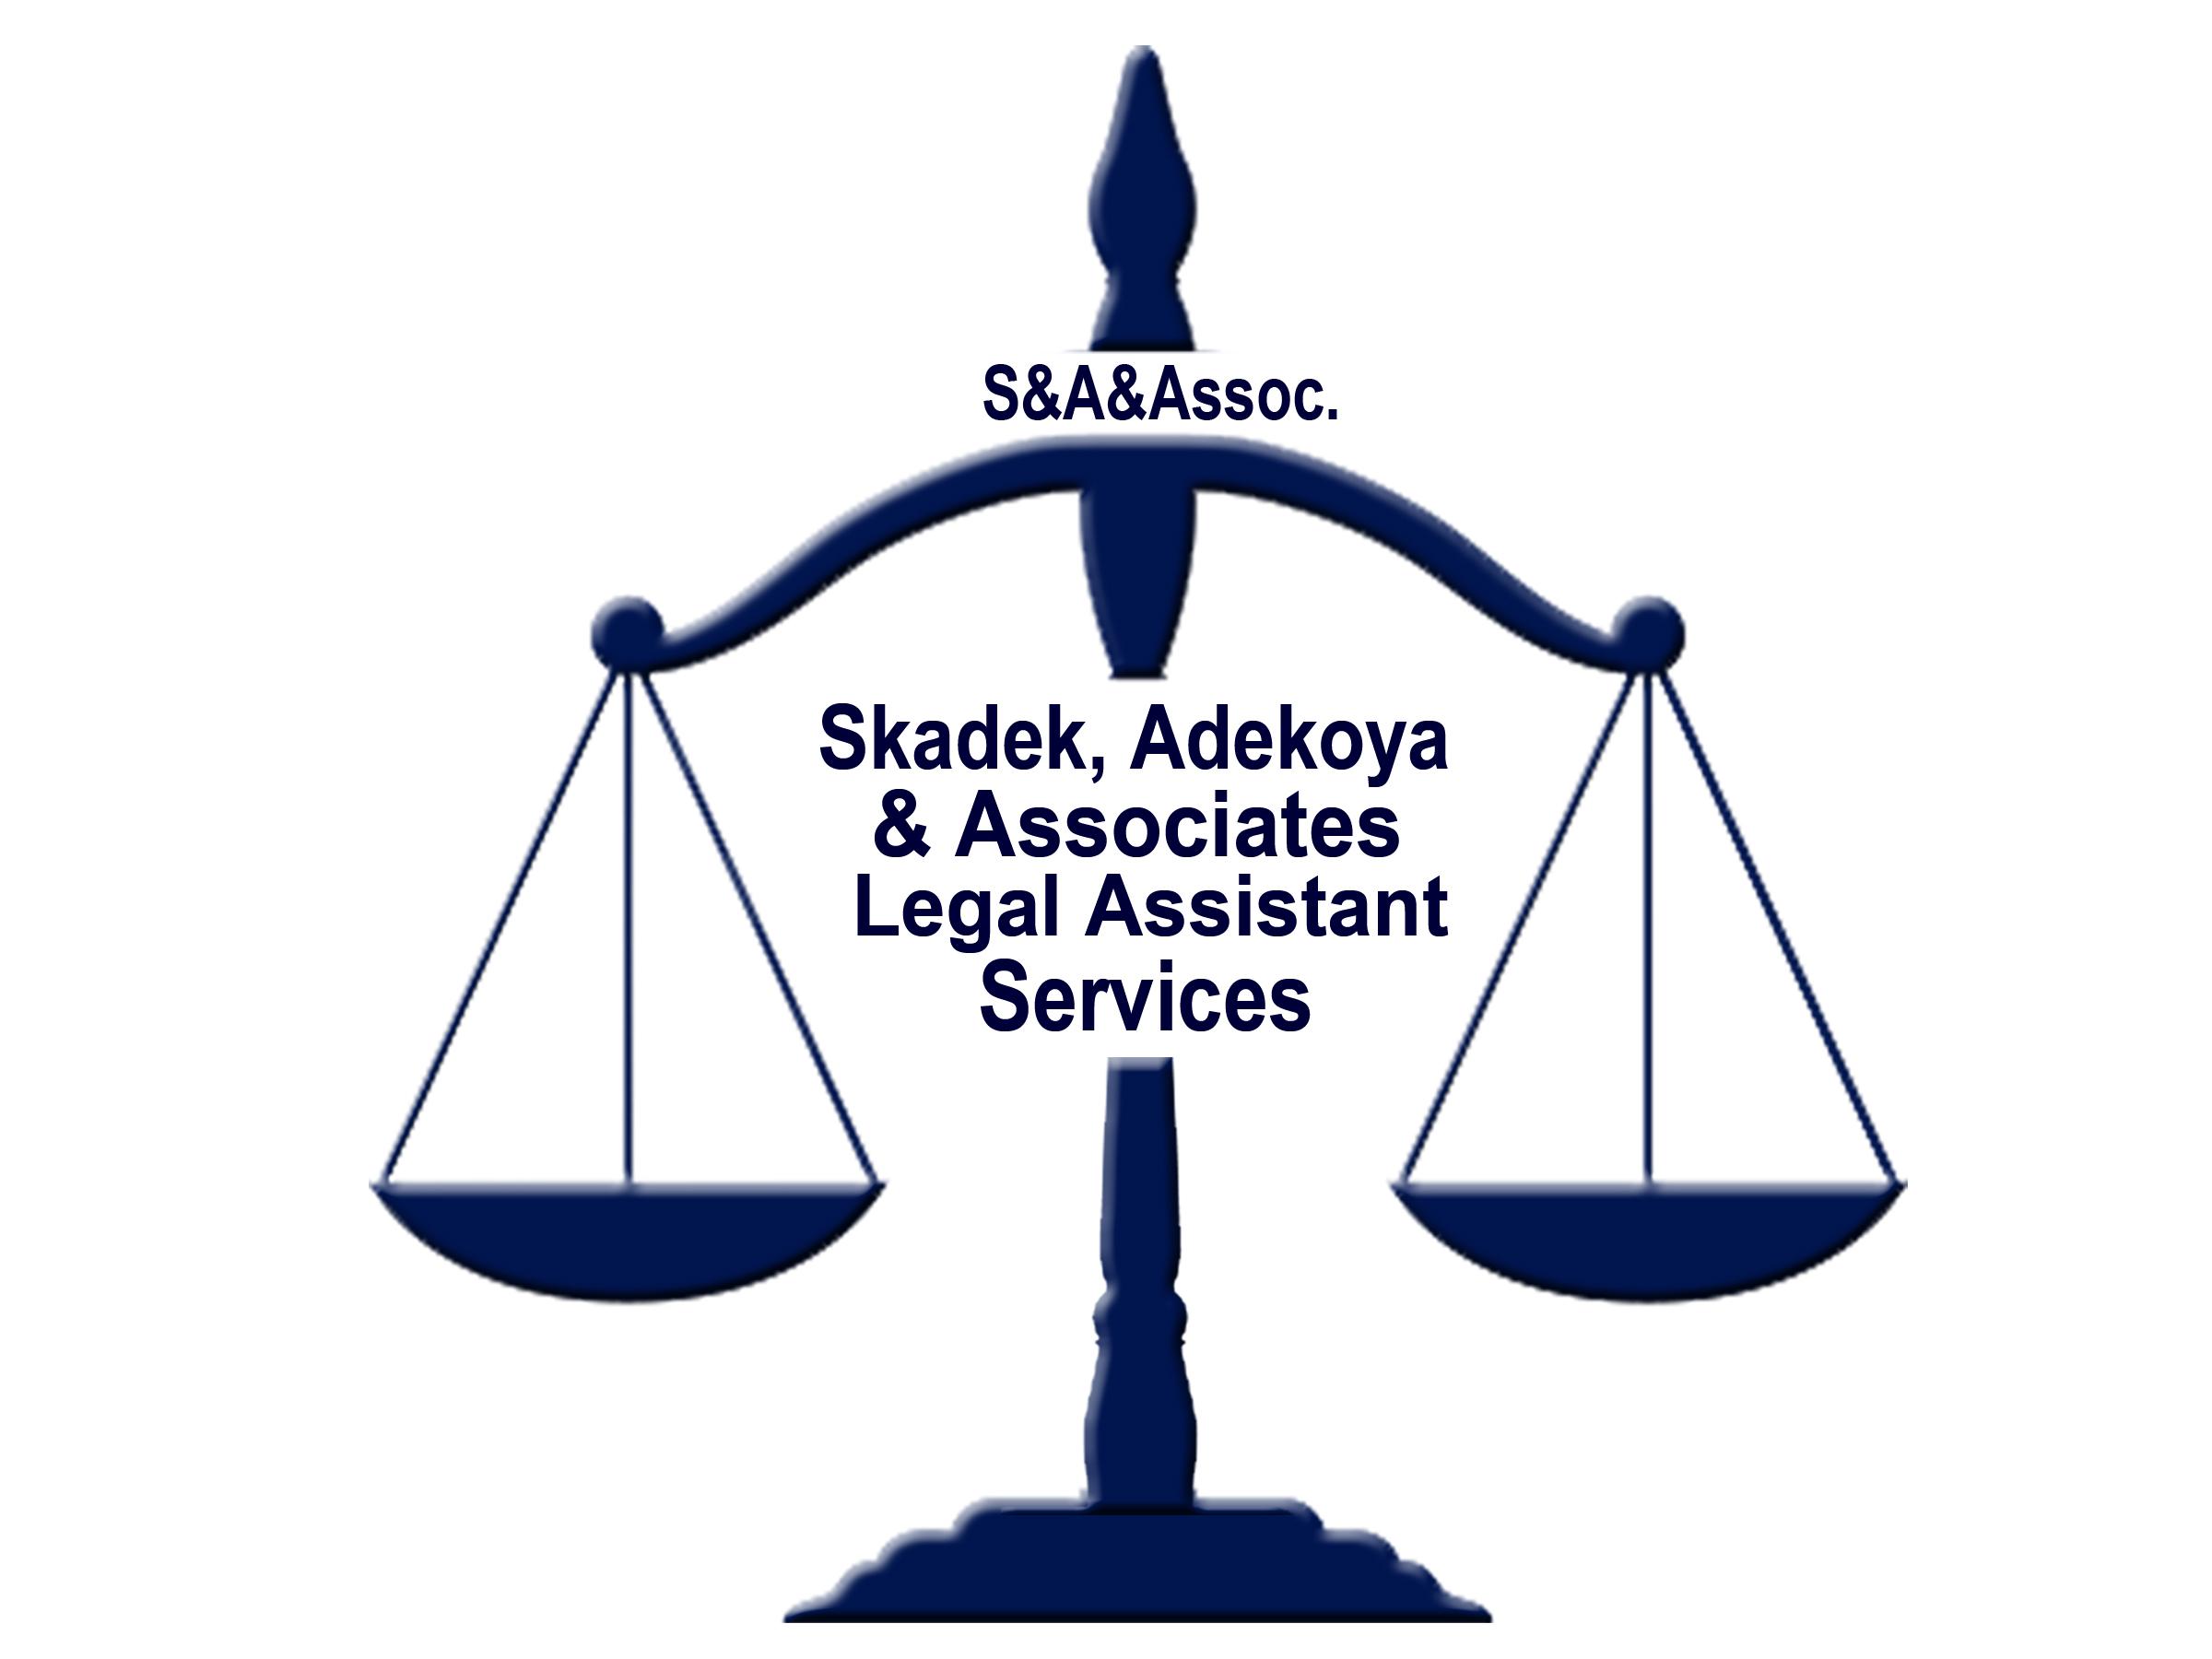 SKADEK, ADEKOYA & ASSOCIATES LEGAL ASSISTANT SERVICES